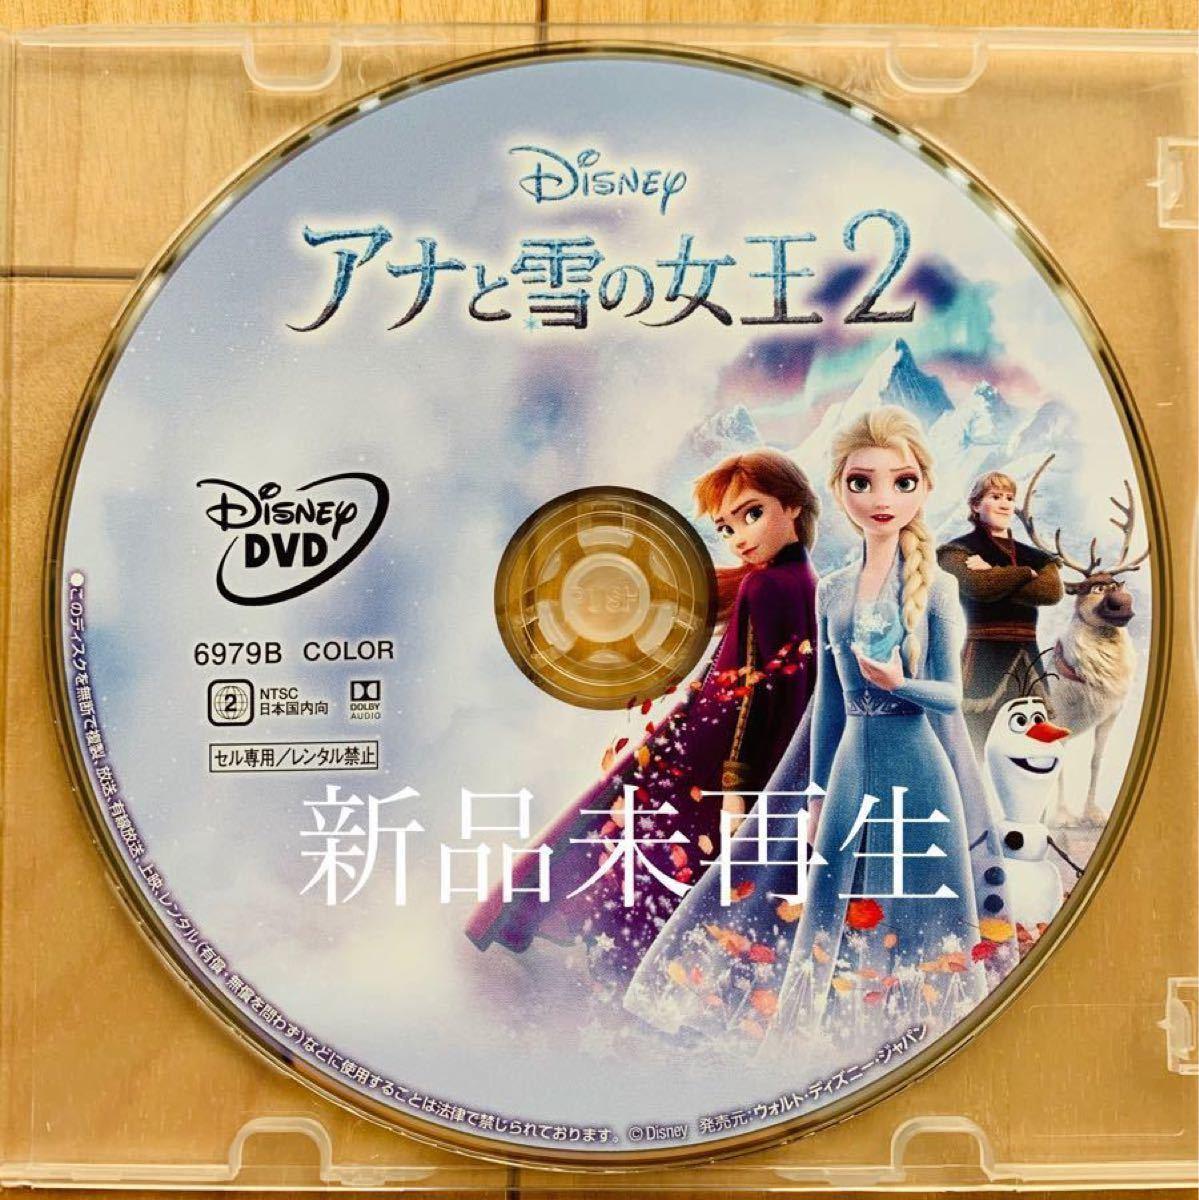 アナと雪の女王2 &モアナと伝説の海【国内正規版】セット DVDディスクのみ 新品未再生 MovieNEX